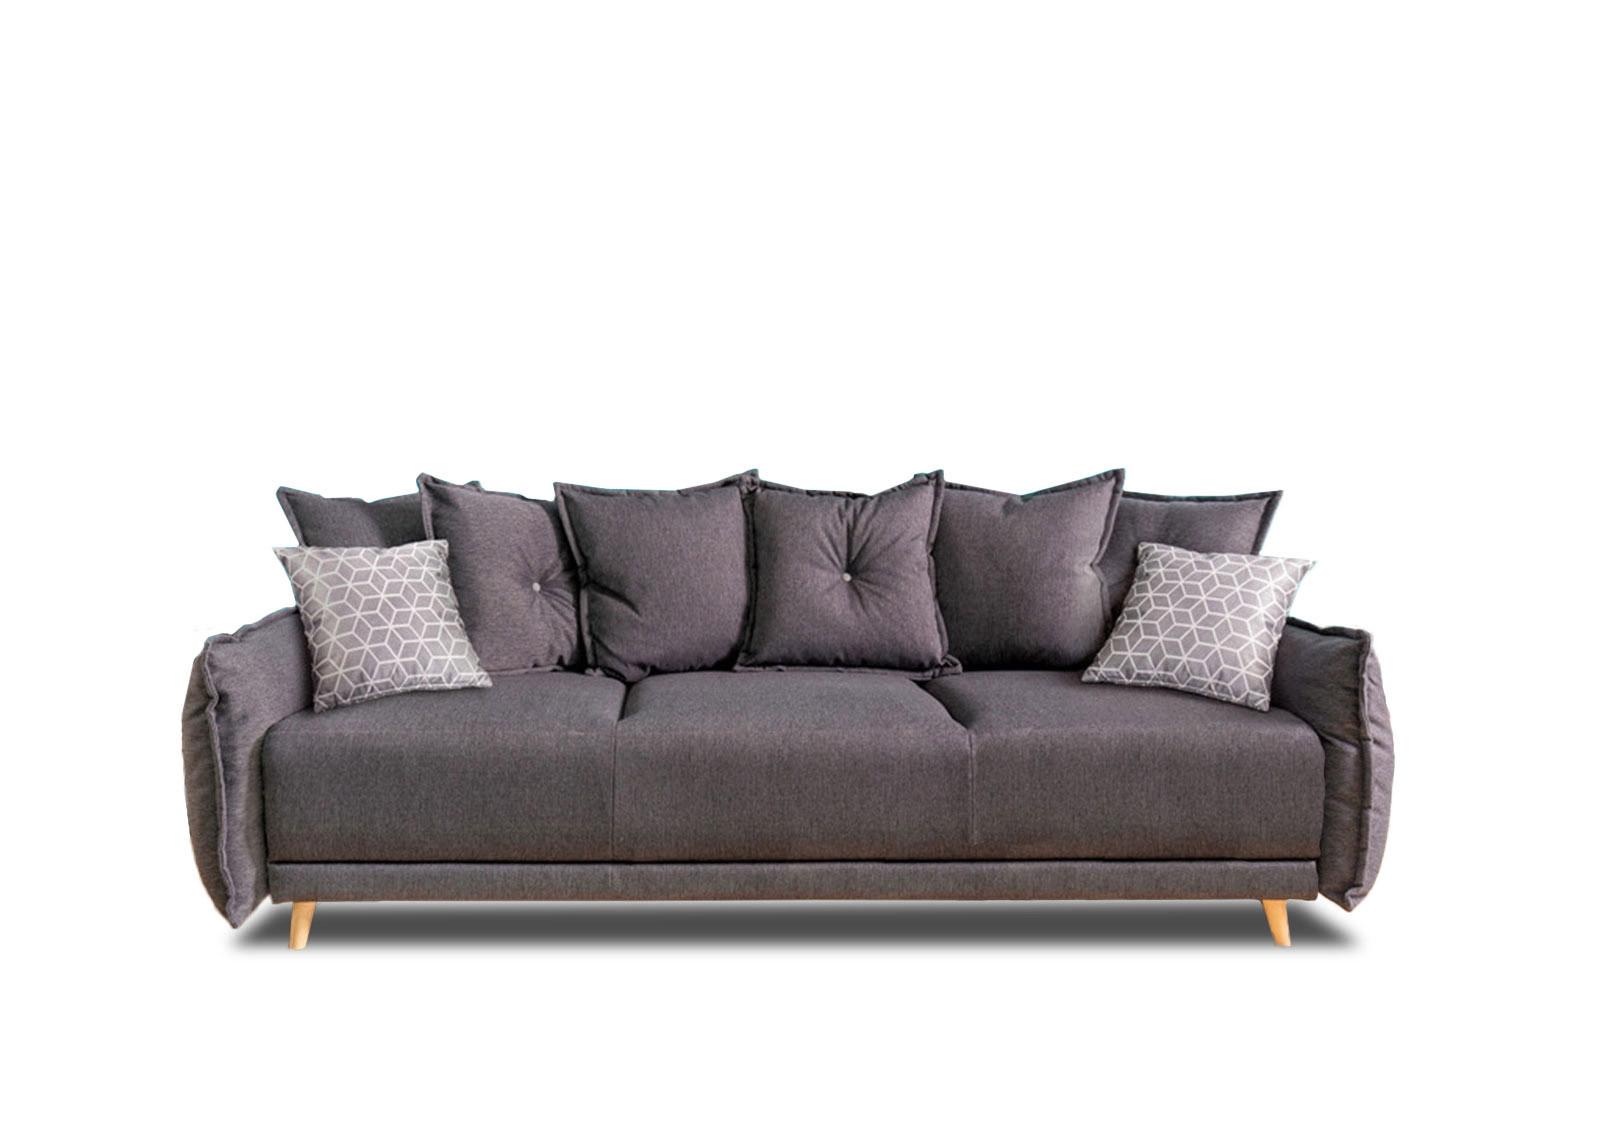 Canapé droit 3 places Gris Tissu Contemporain Confort